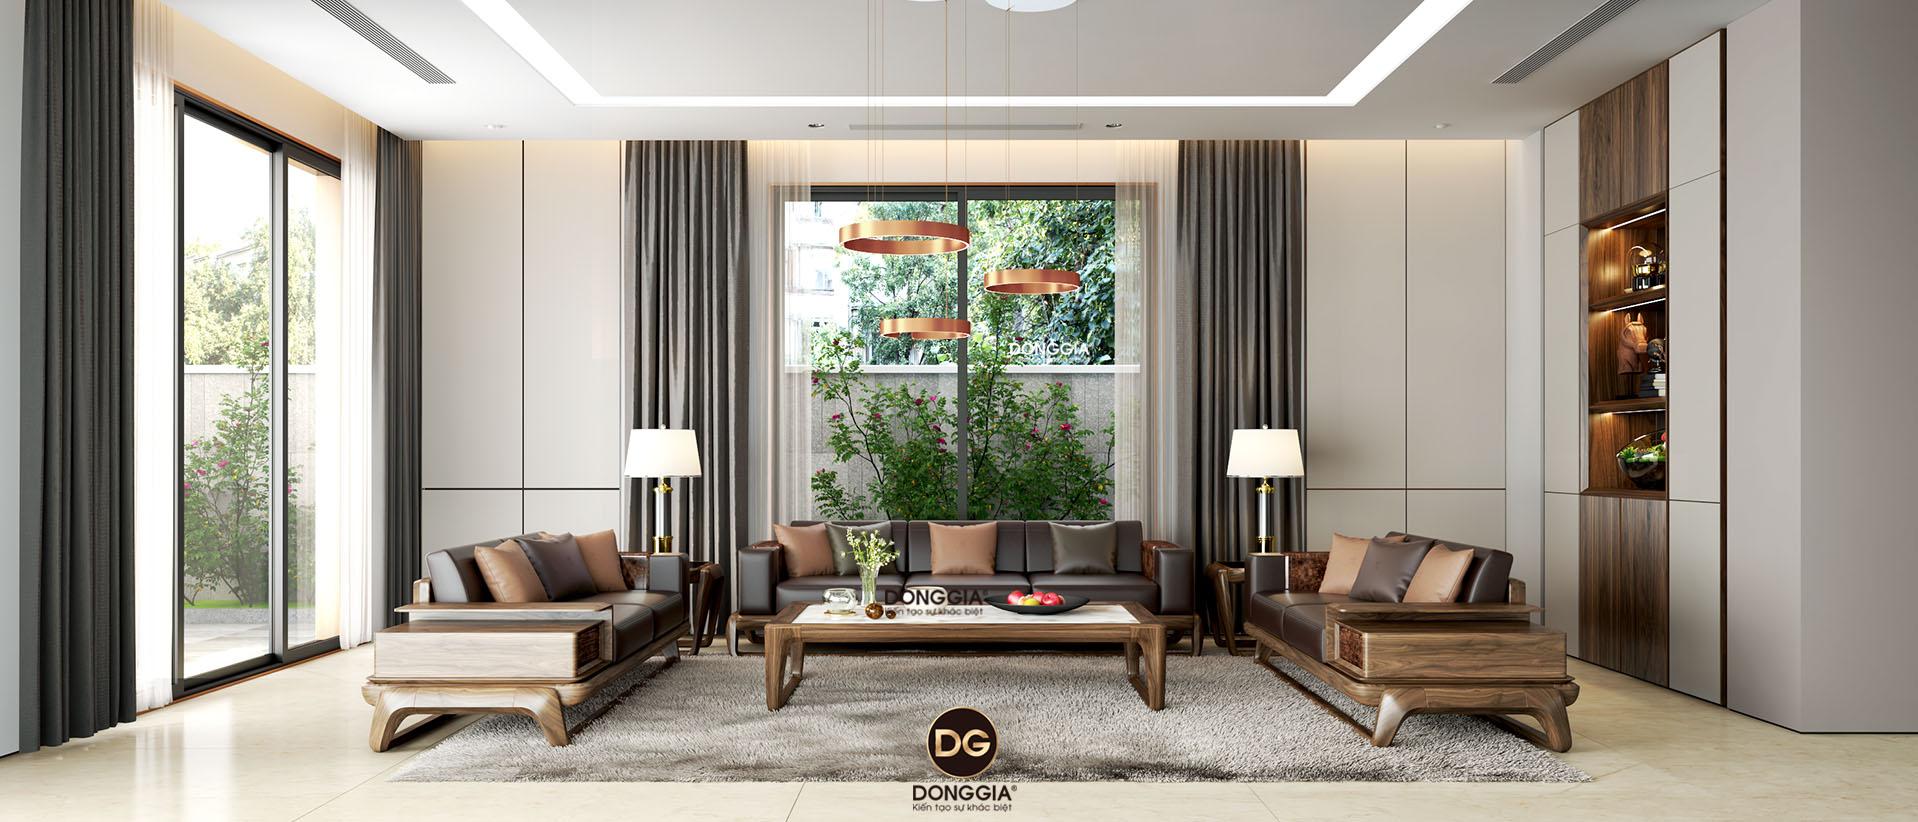 sofa-go-oc-cho-dong-gia-dep-2020 (2)